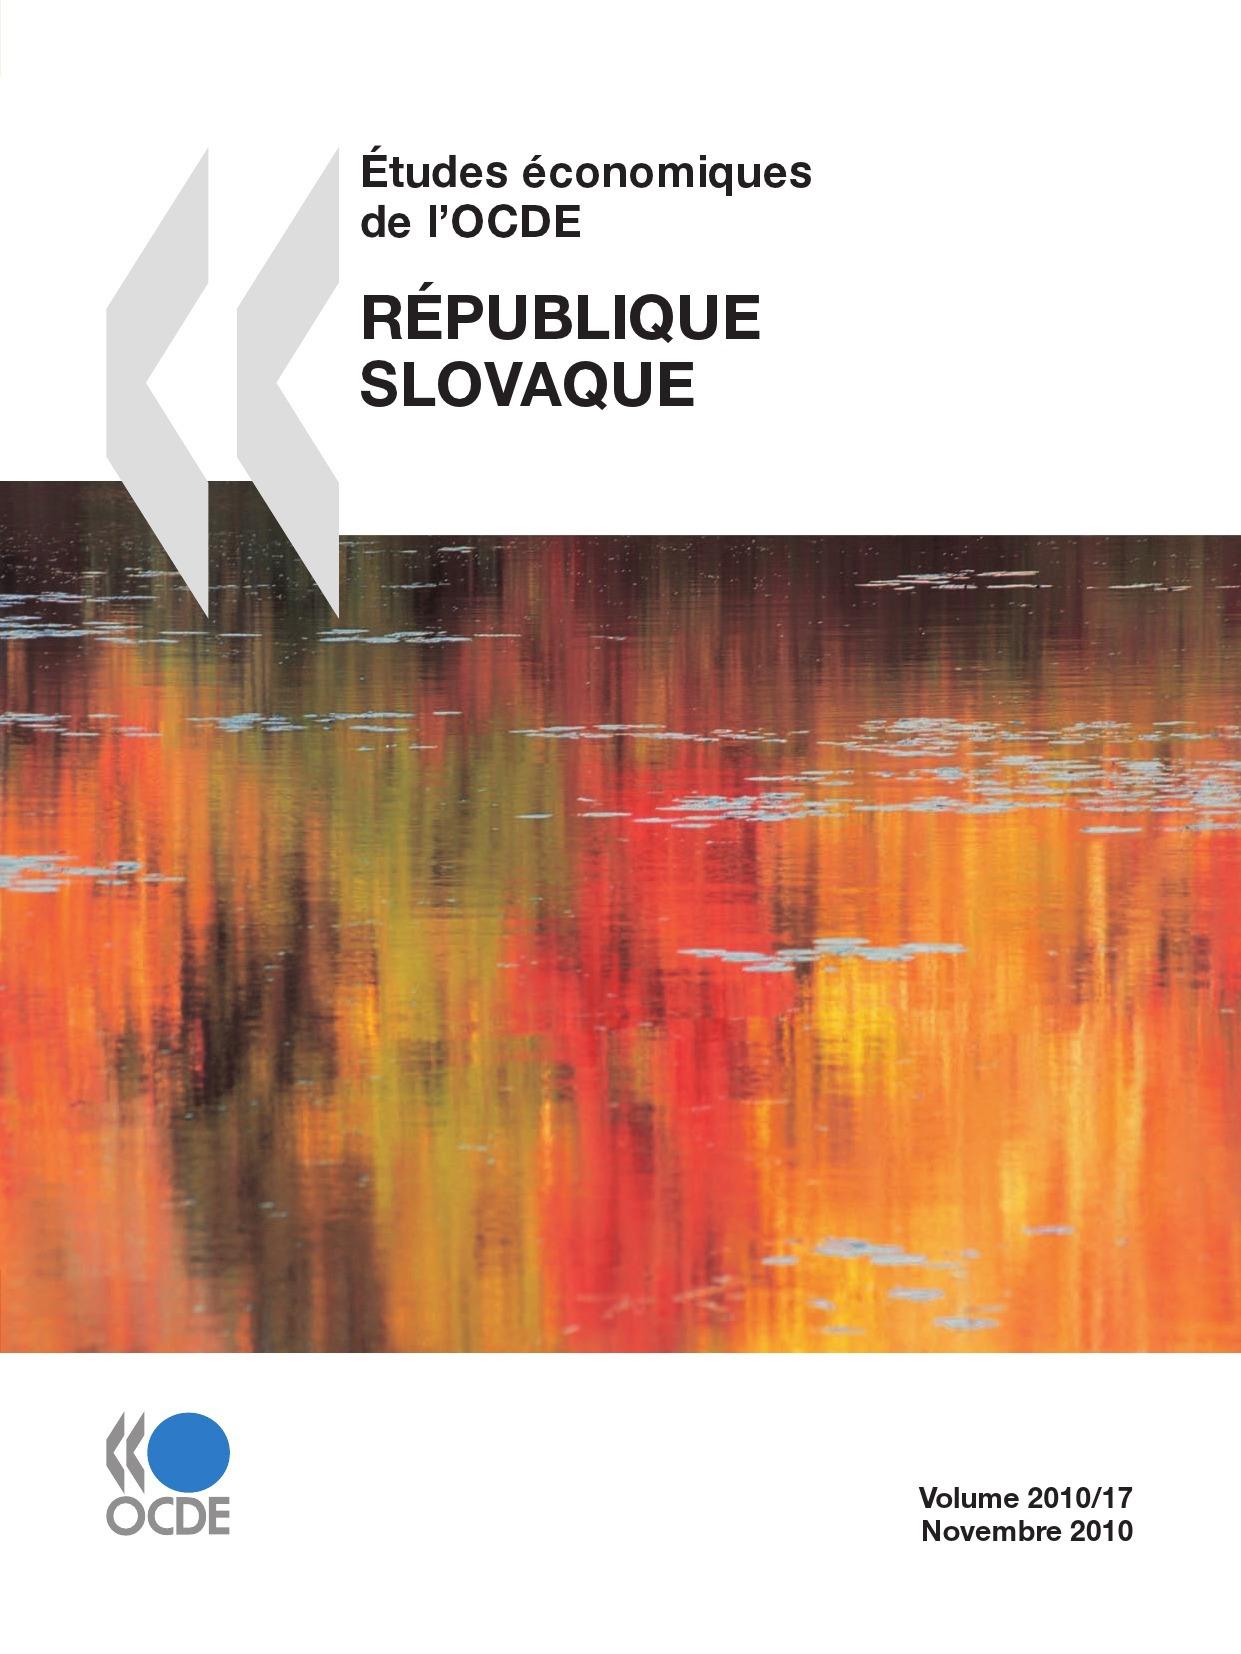 Études économiques de l'OCDE : République slovaque 2010